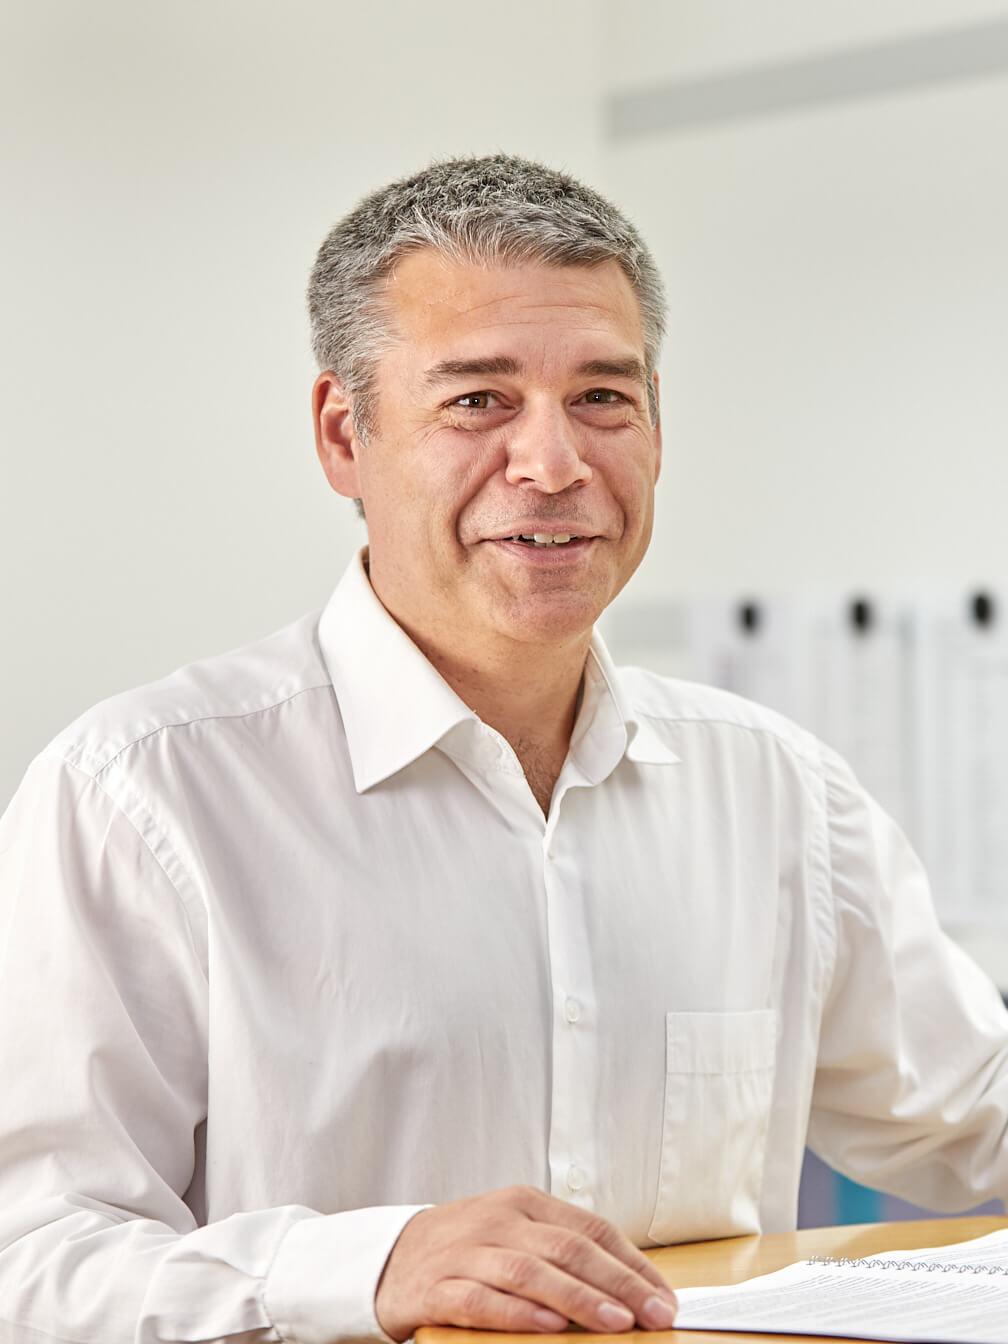 Stefan Ranzinger